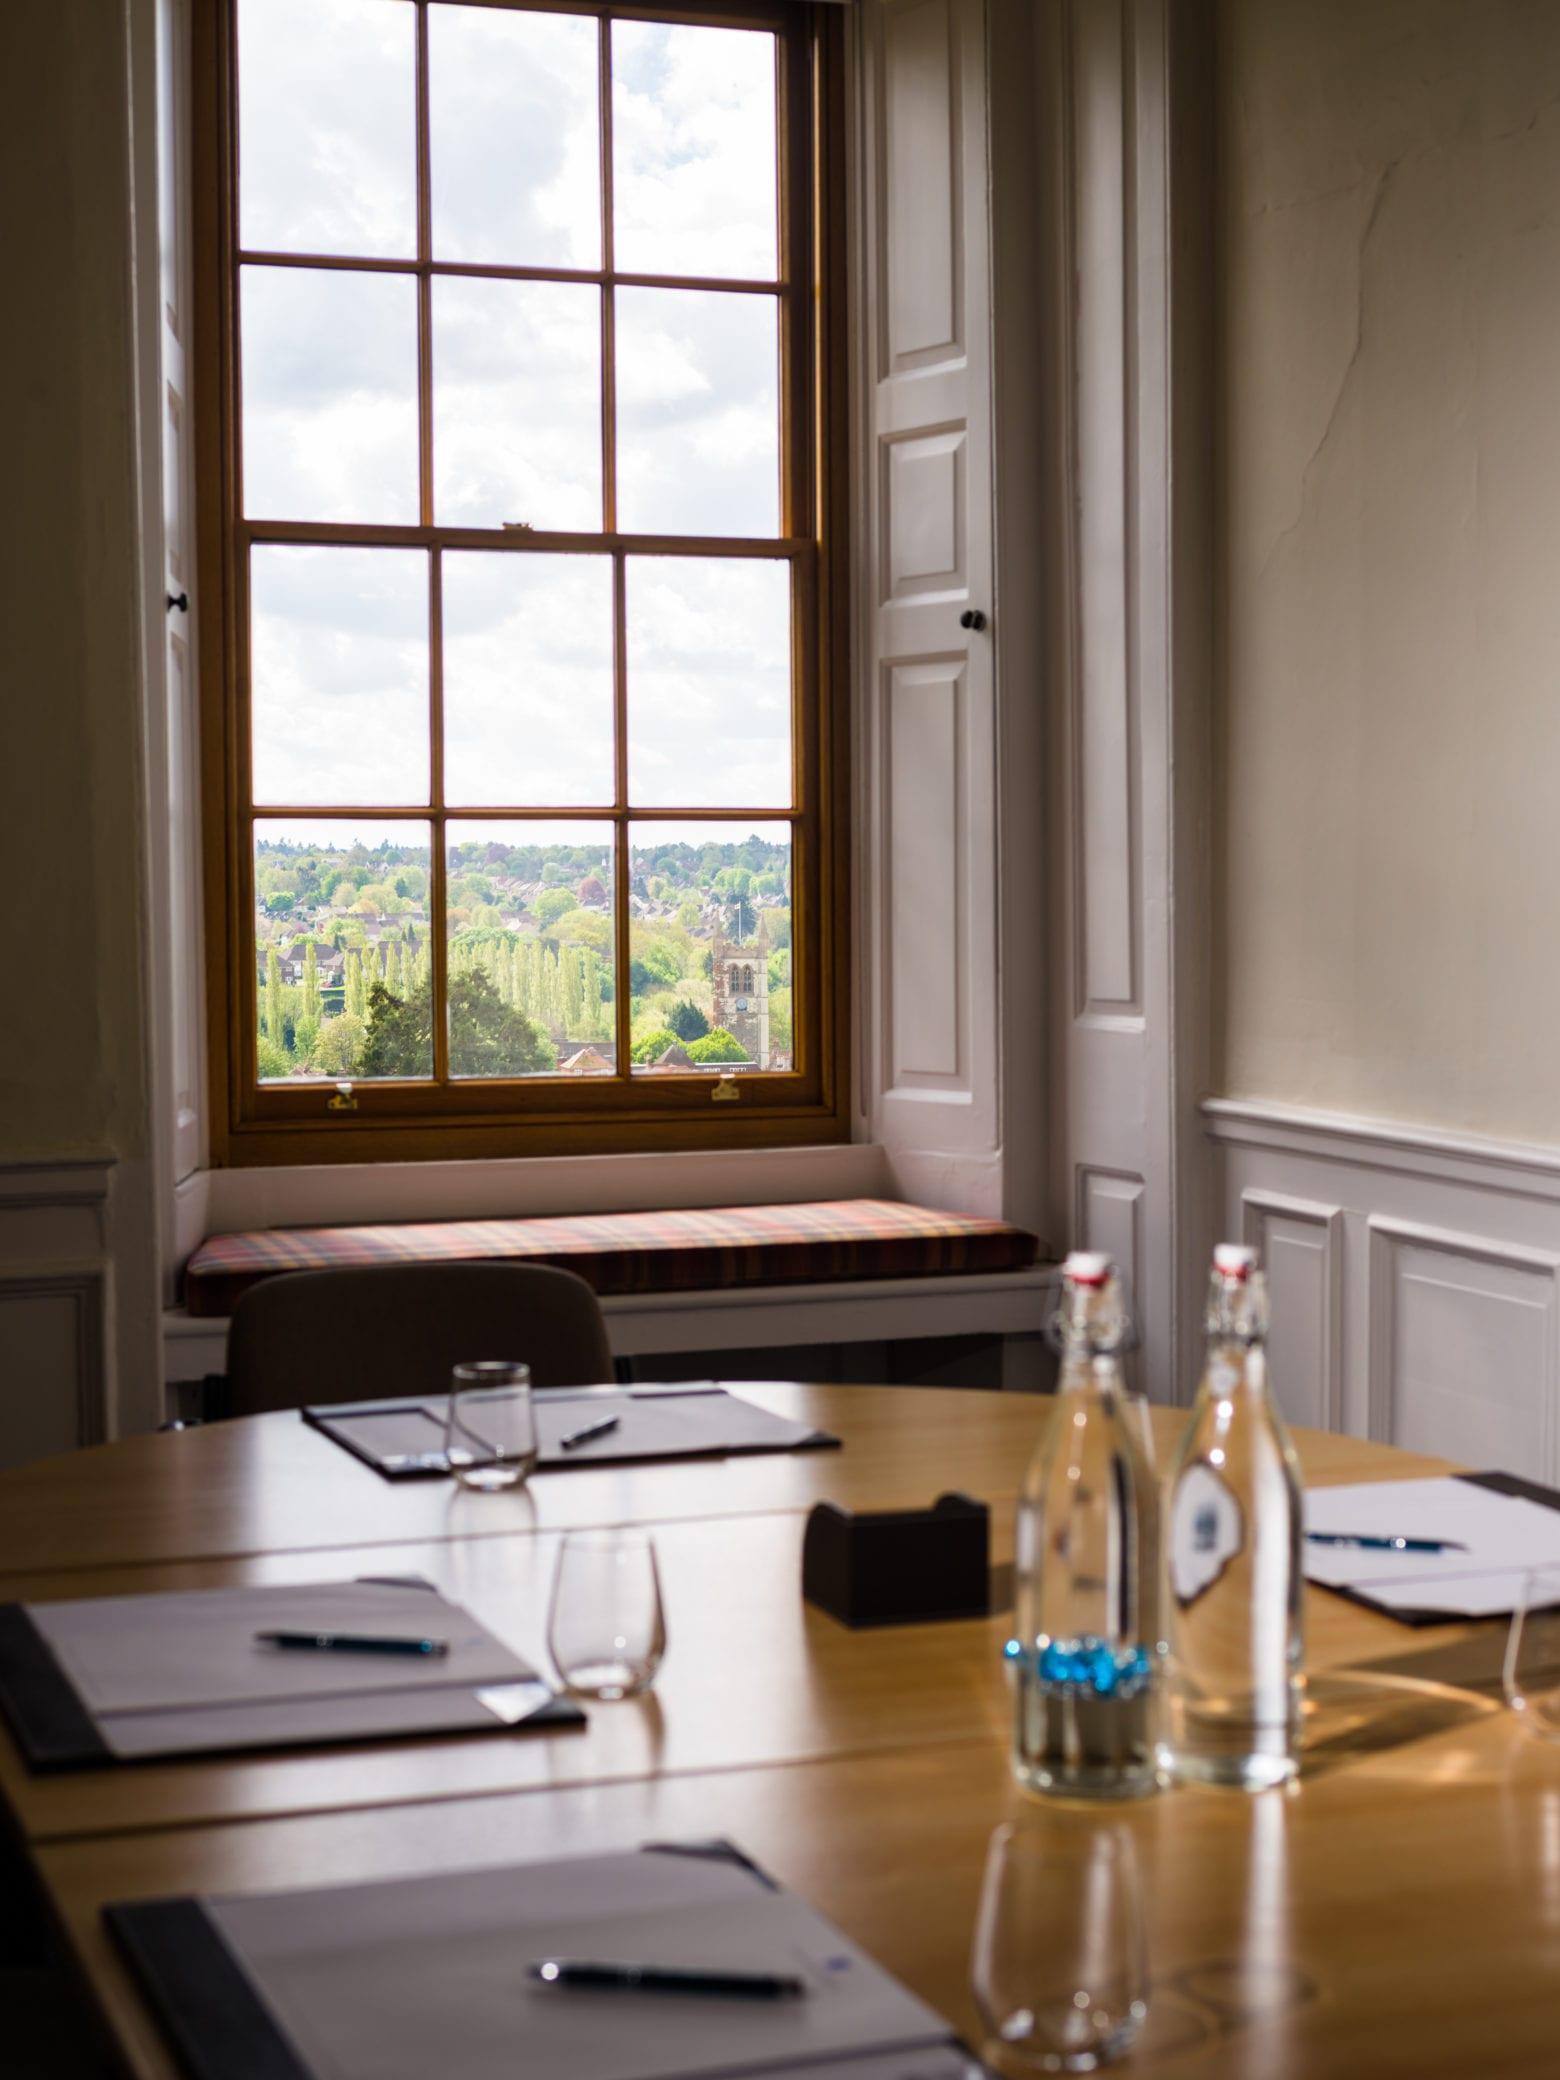 Meeting venue in Surrey